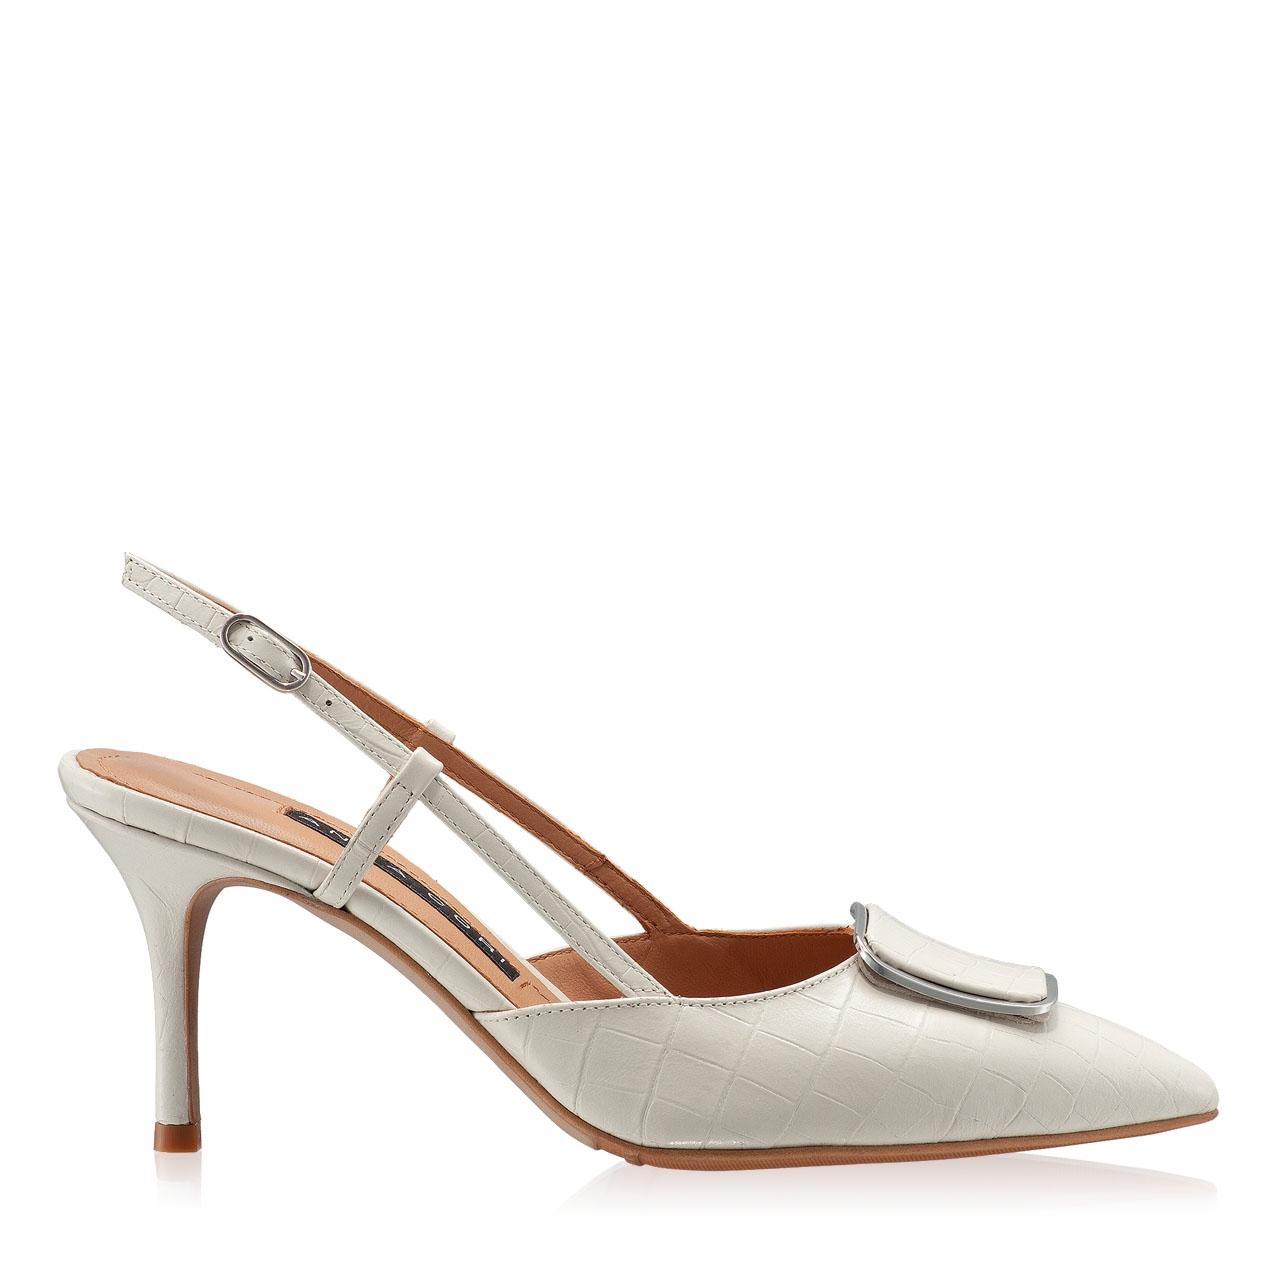 Pantofi Decupati 5843 Croco Avorio